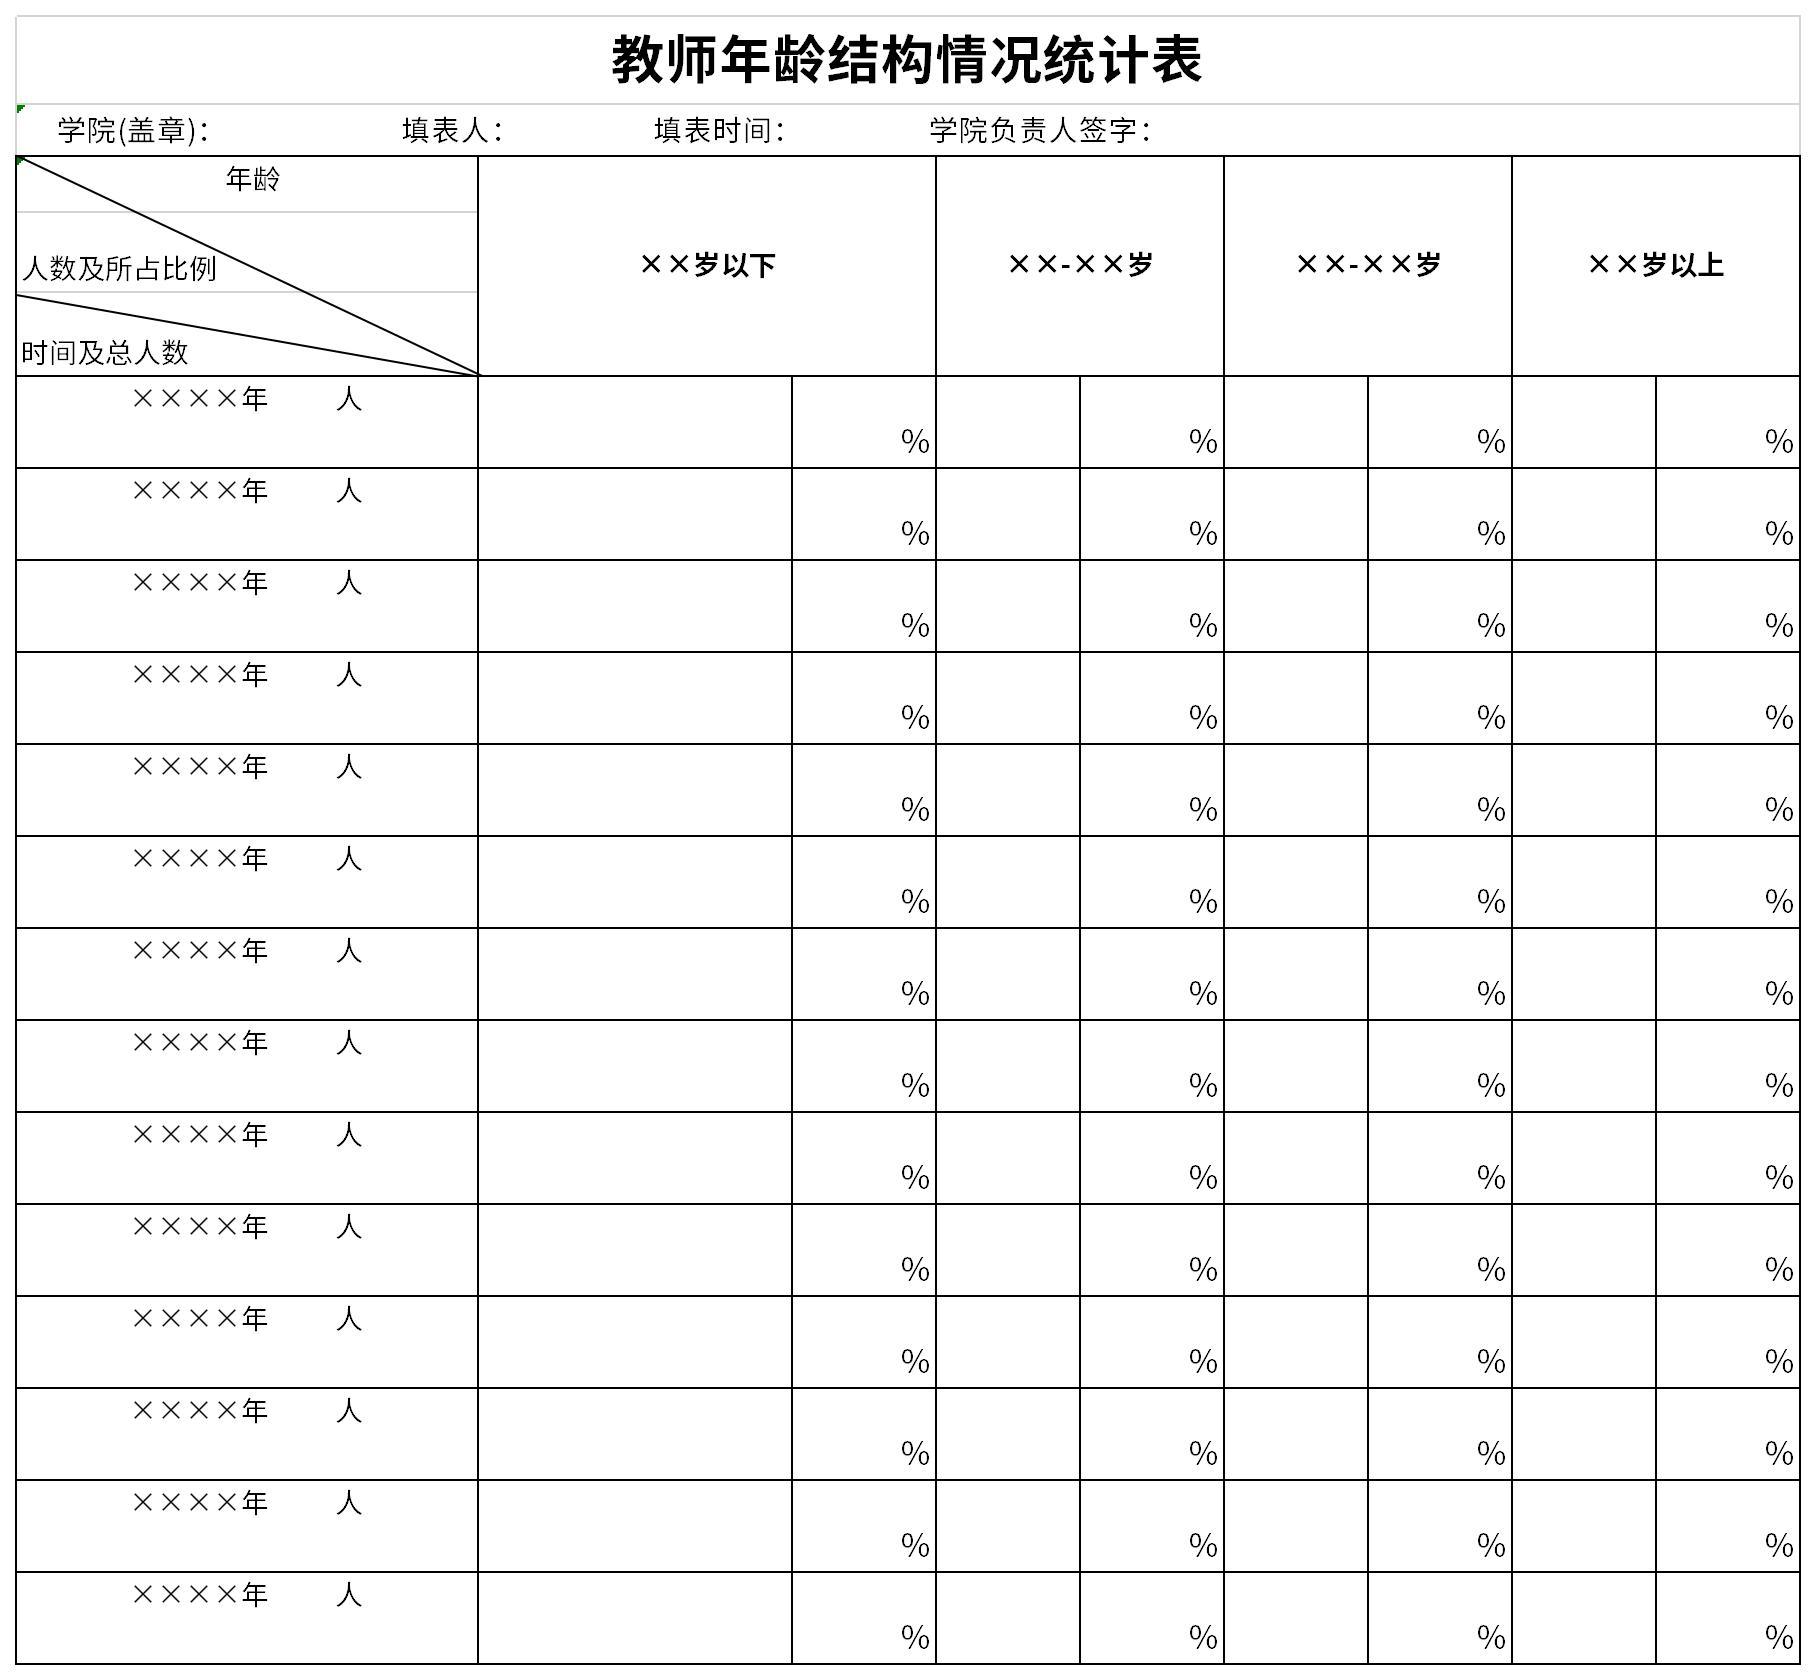 教师年龄结构情况统计表截图